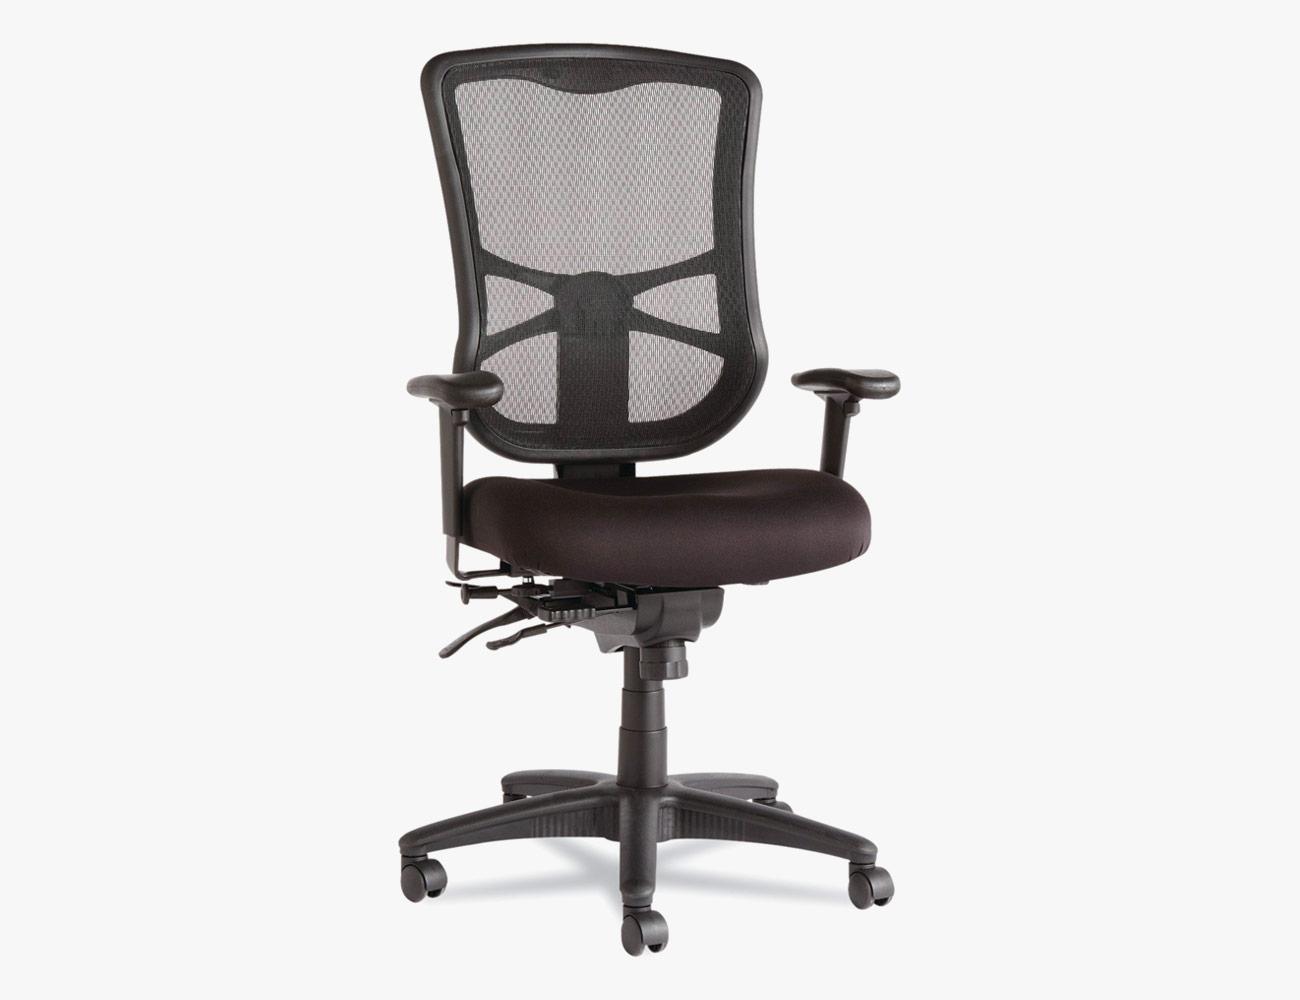 Best Office Chair Under $200: Alera Elusion Chair